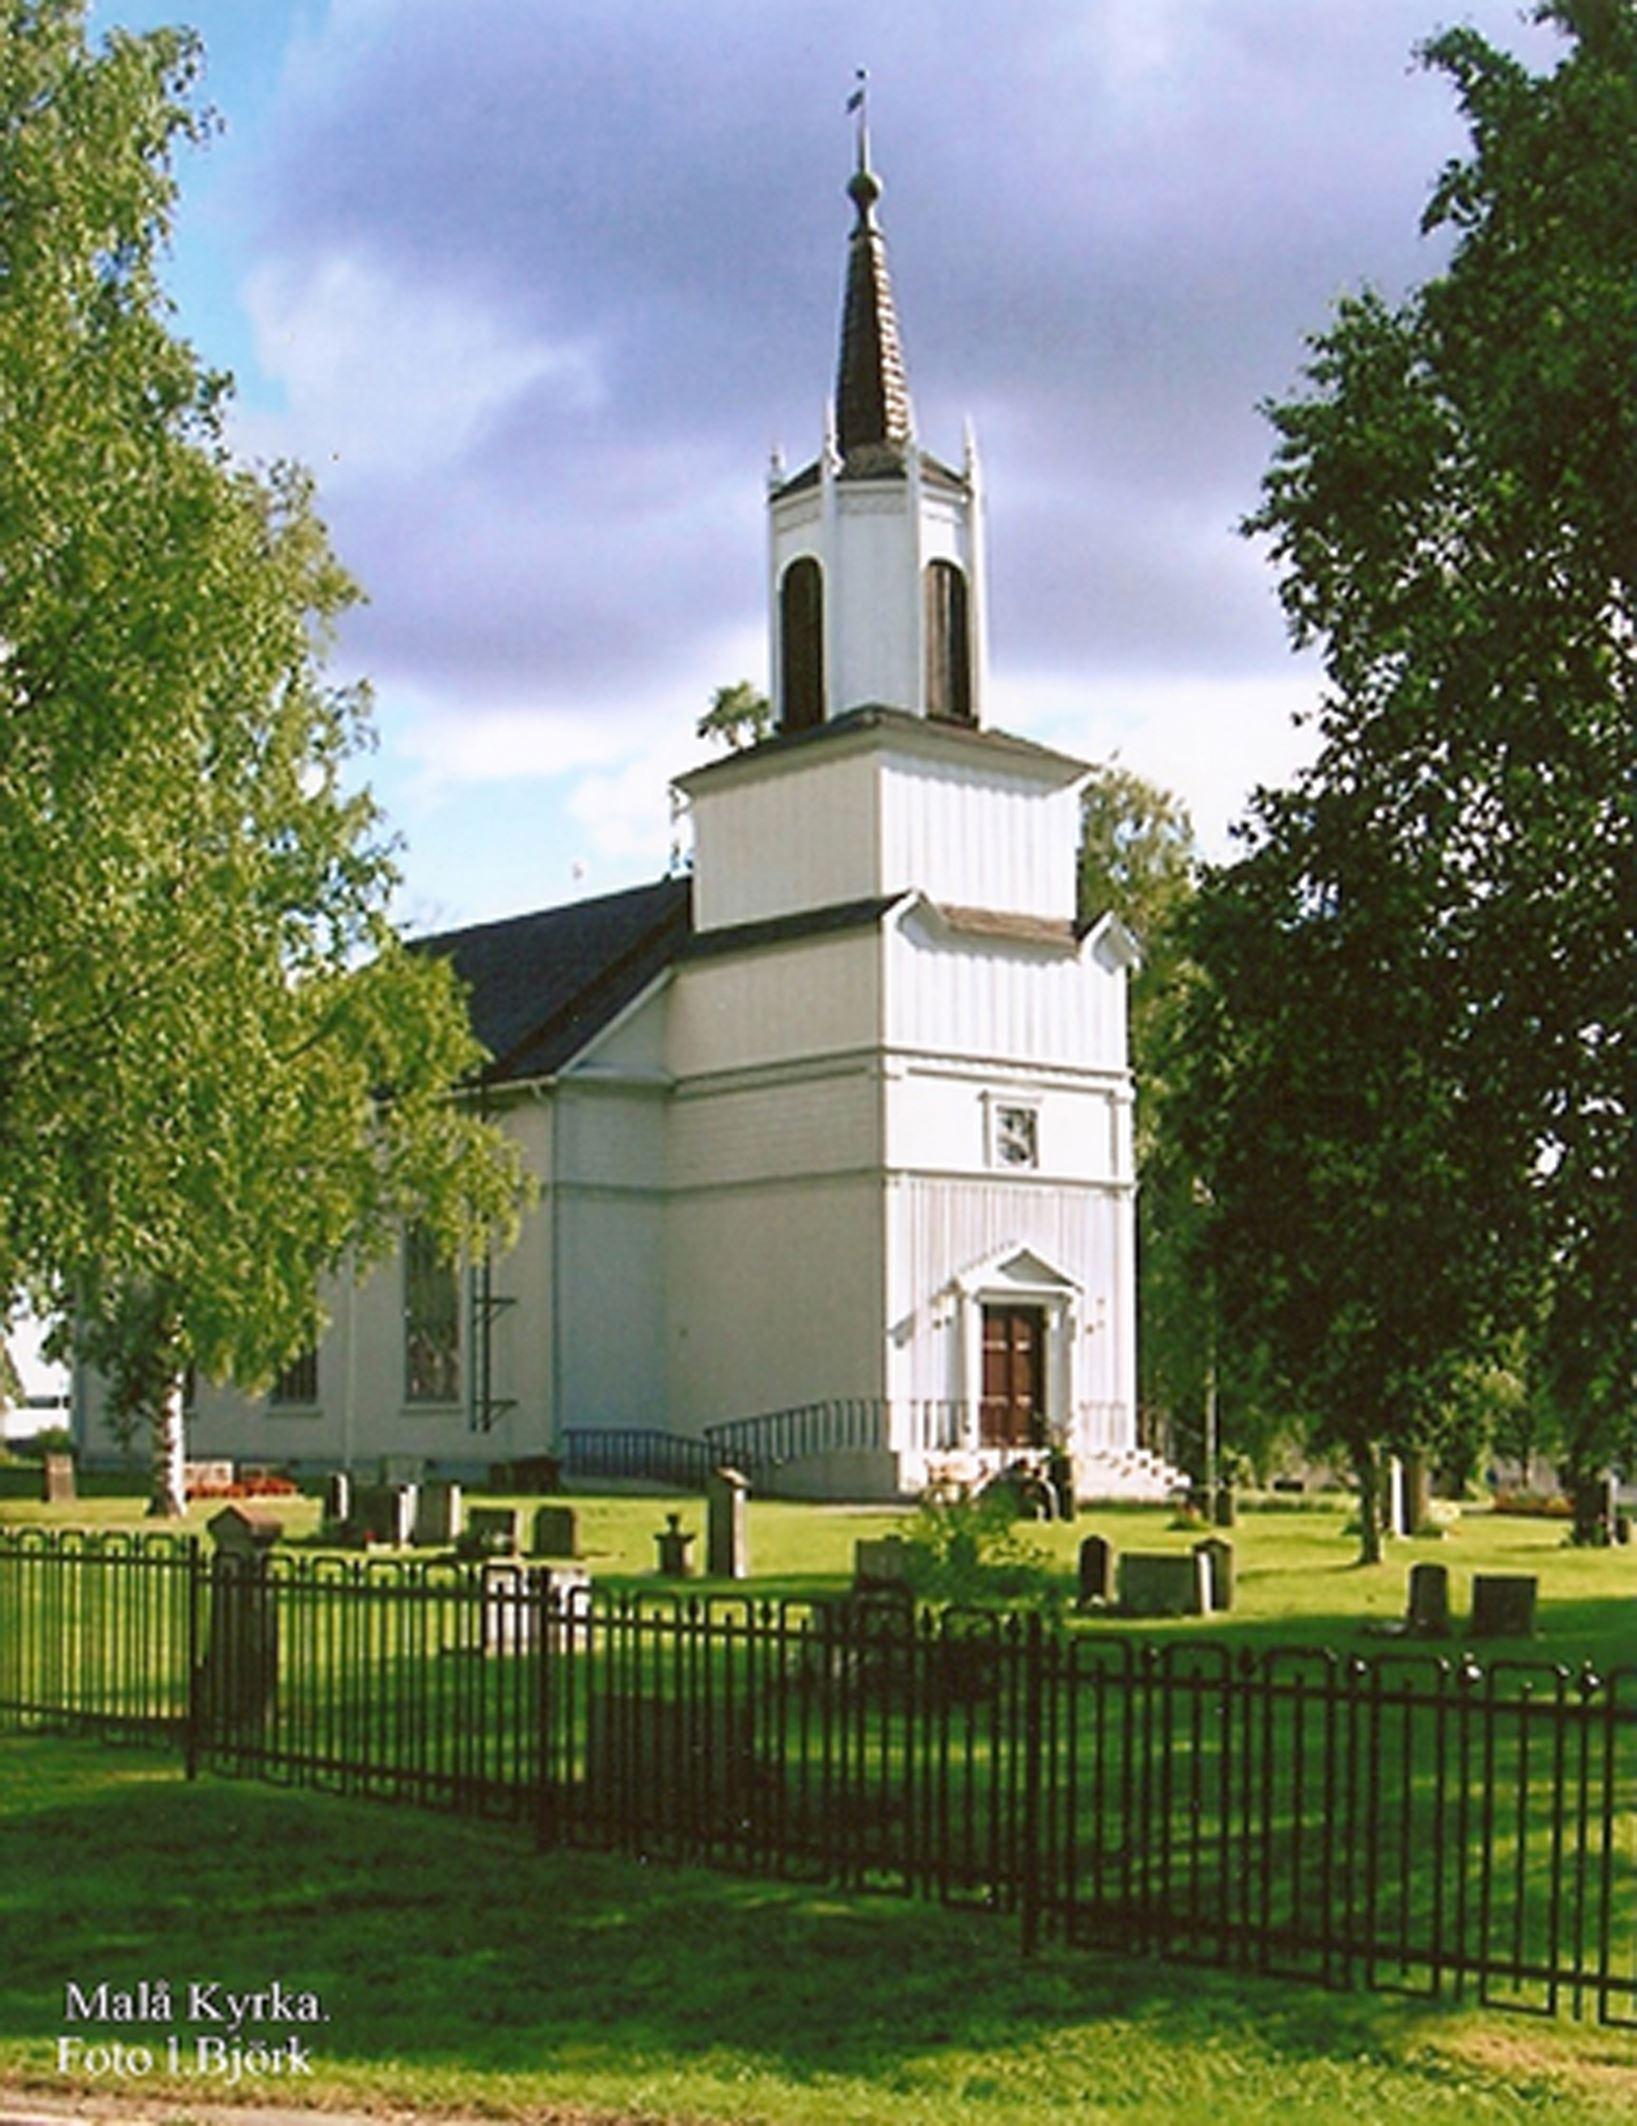 Lennart Björk,  © Malå kommun, Malå kyrka